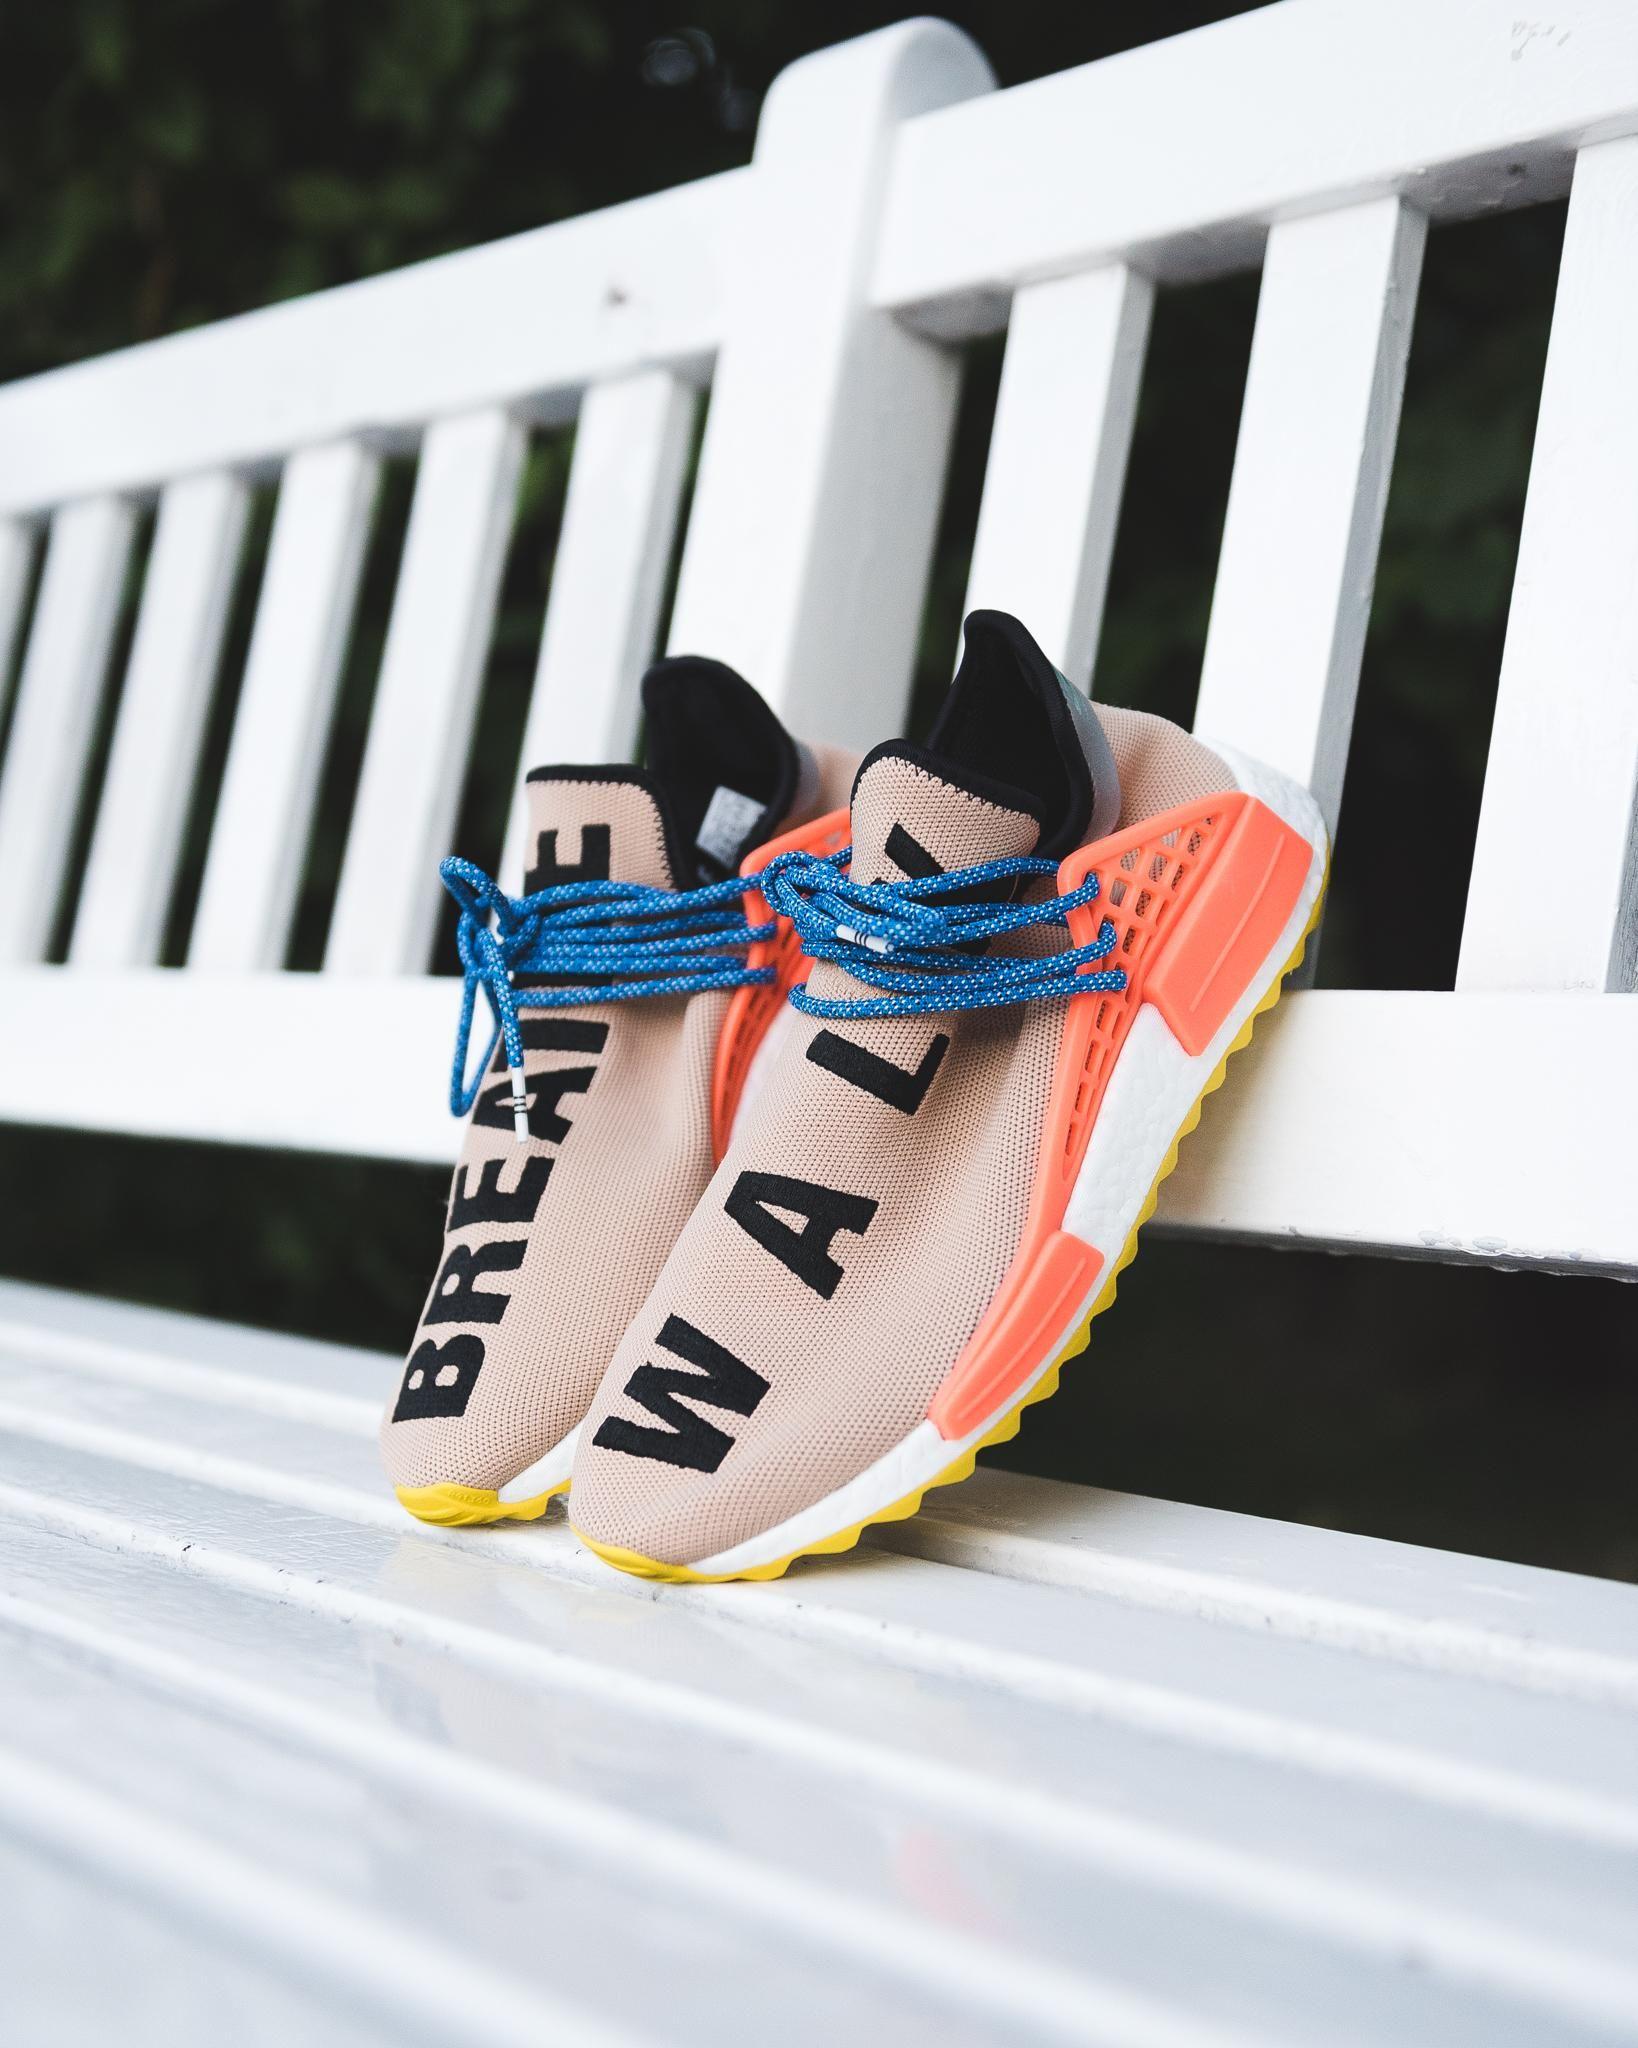 title} (avec images) | Chaussure de trail, Chaussure, Adidas